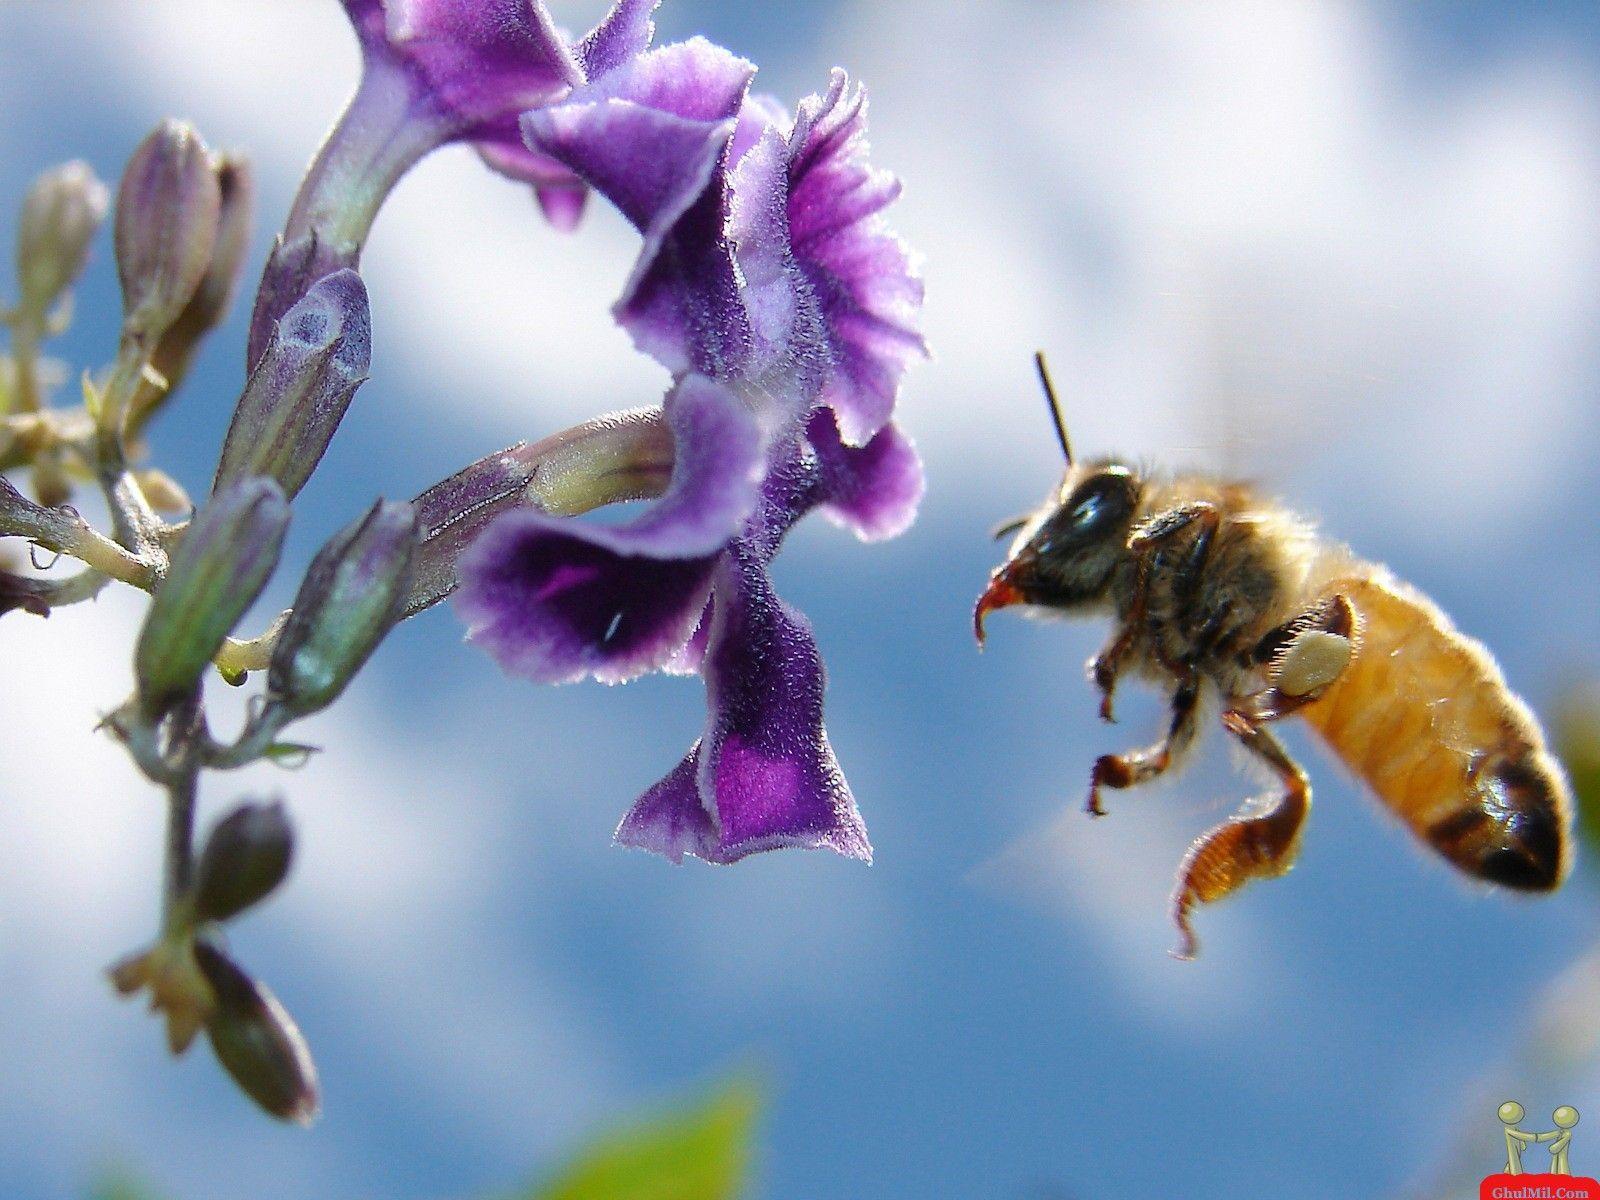 Cute Bee Desktop Wallpapers - Top Free Cute Bee Desktop ...